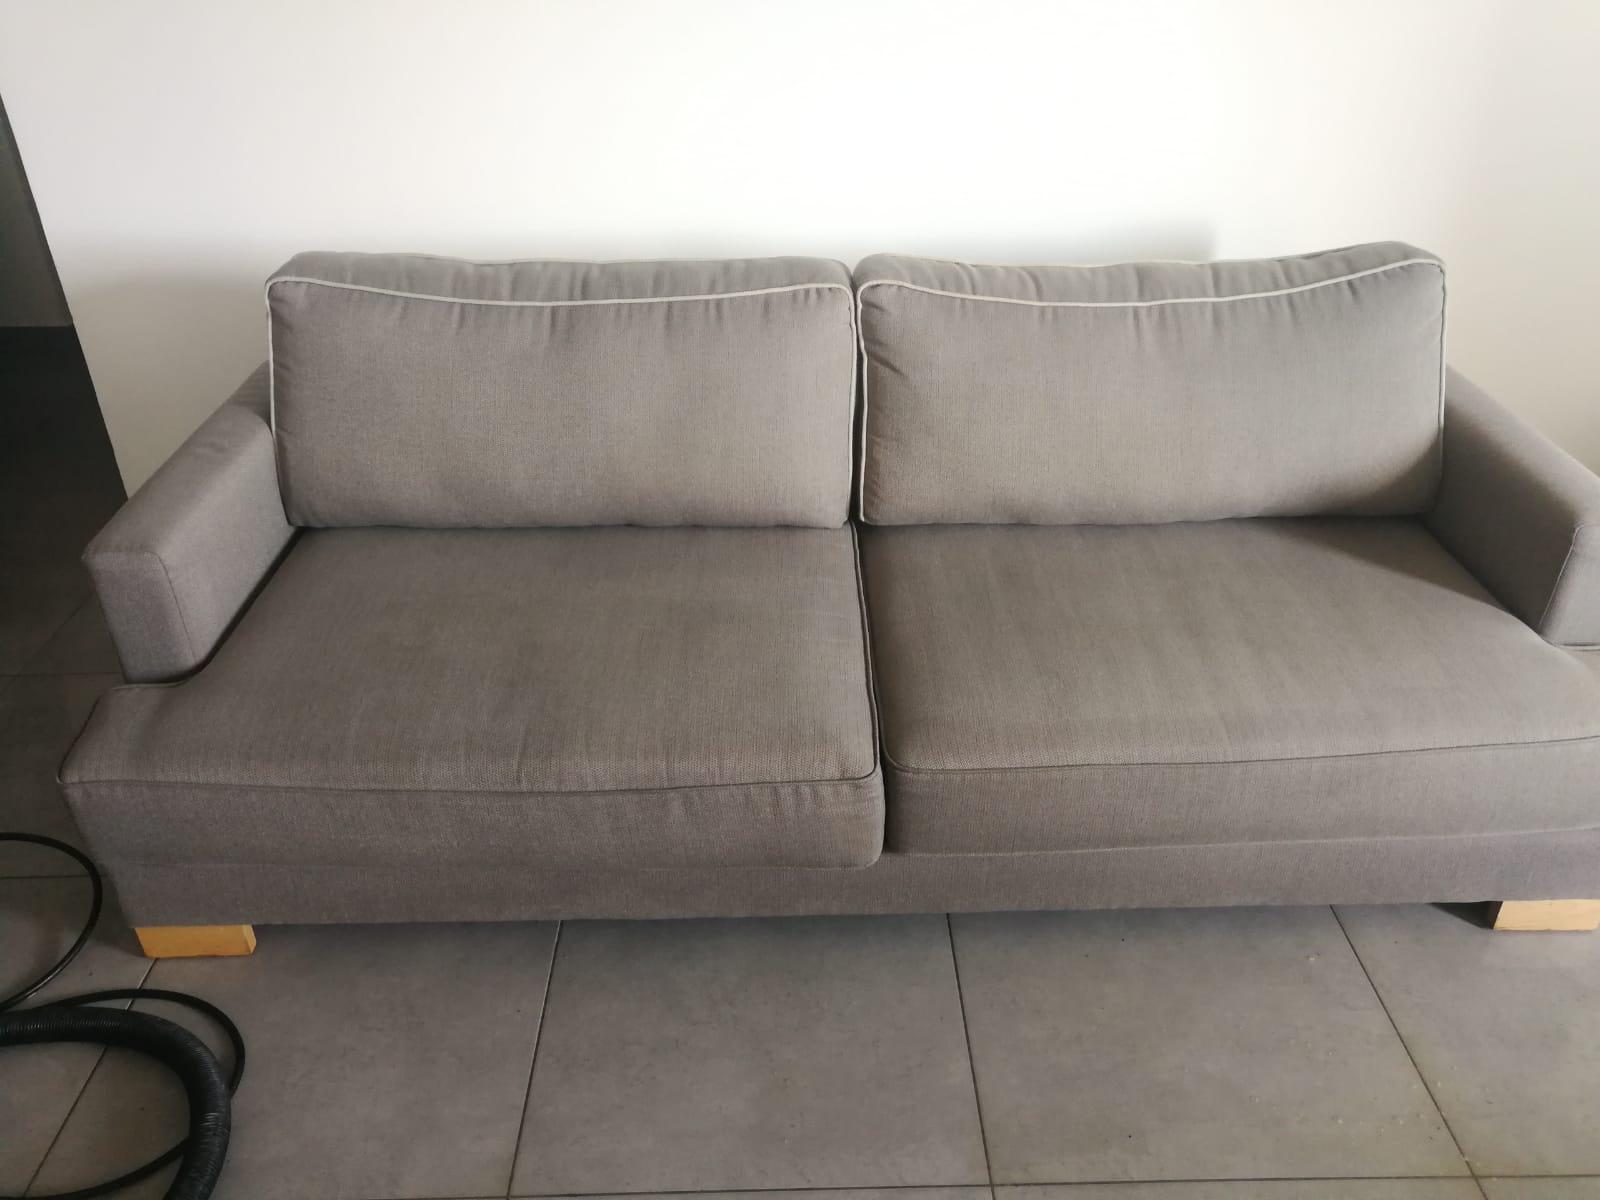 ניקוי ספה עם כתמים קשים במודיעין